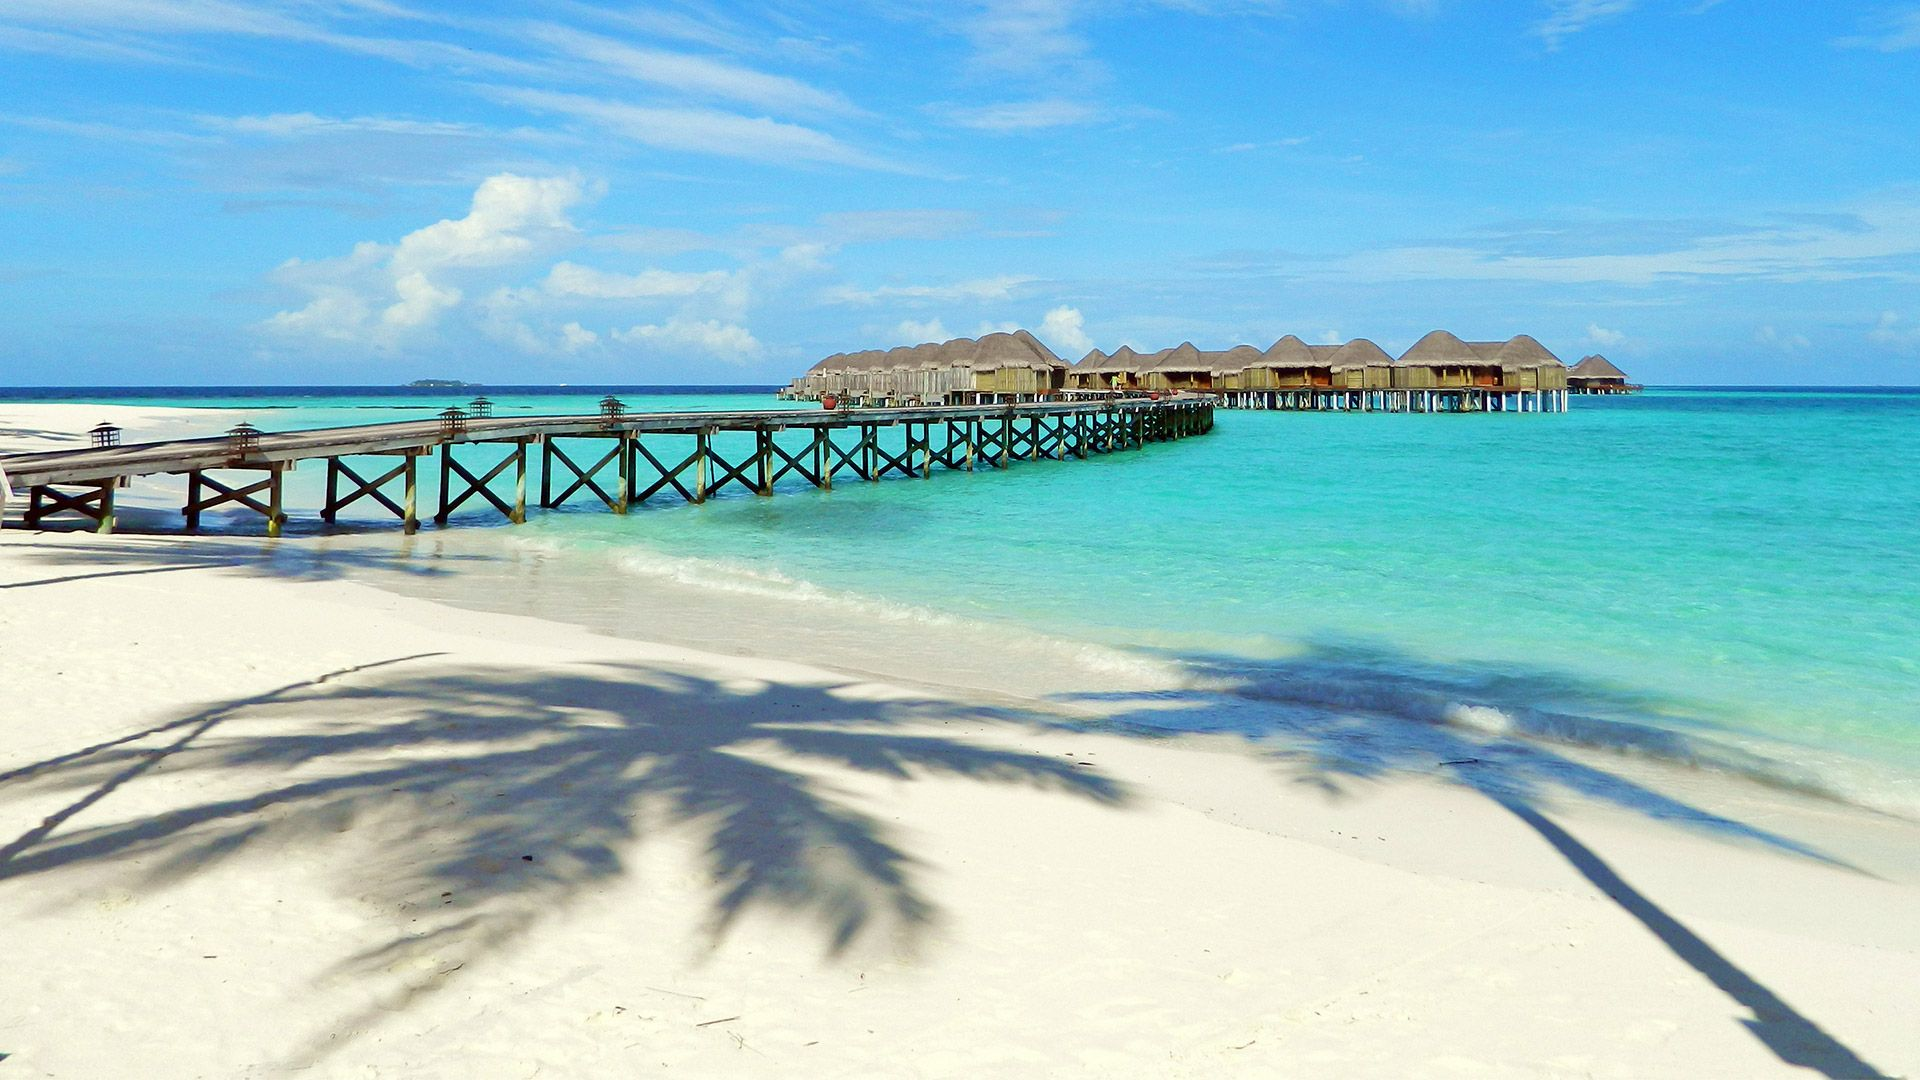 Sejur charter All Inclusive Maldive, 10 zile - Noiembrie 2021